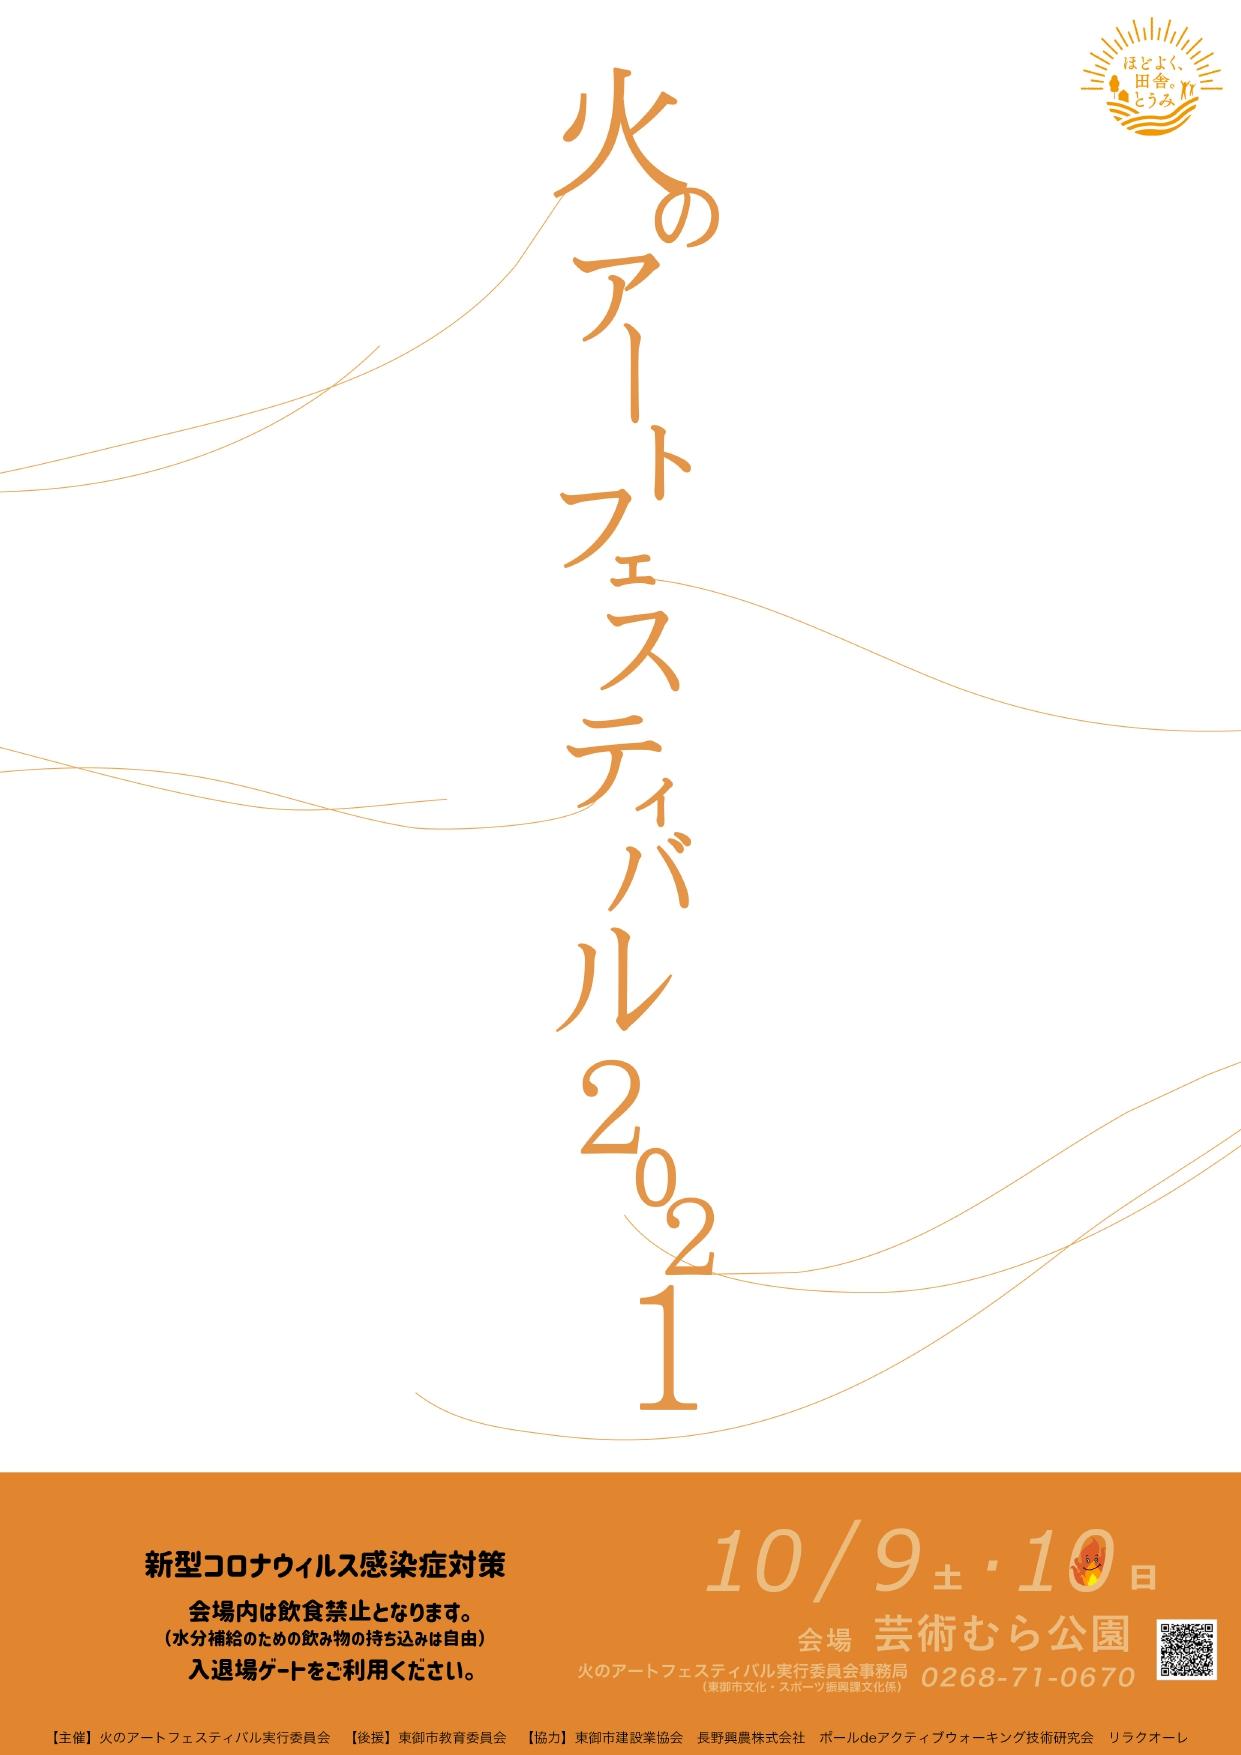 2021日火のアートフェスチラシ_page-0001